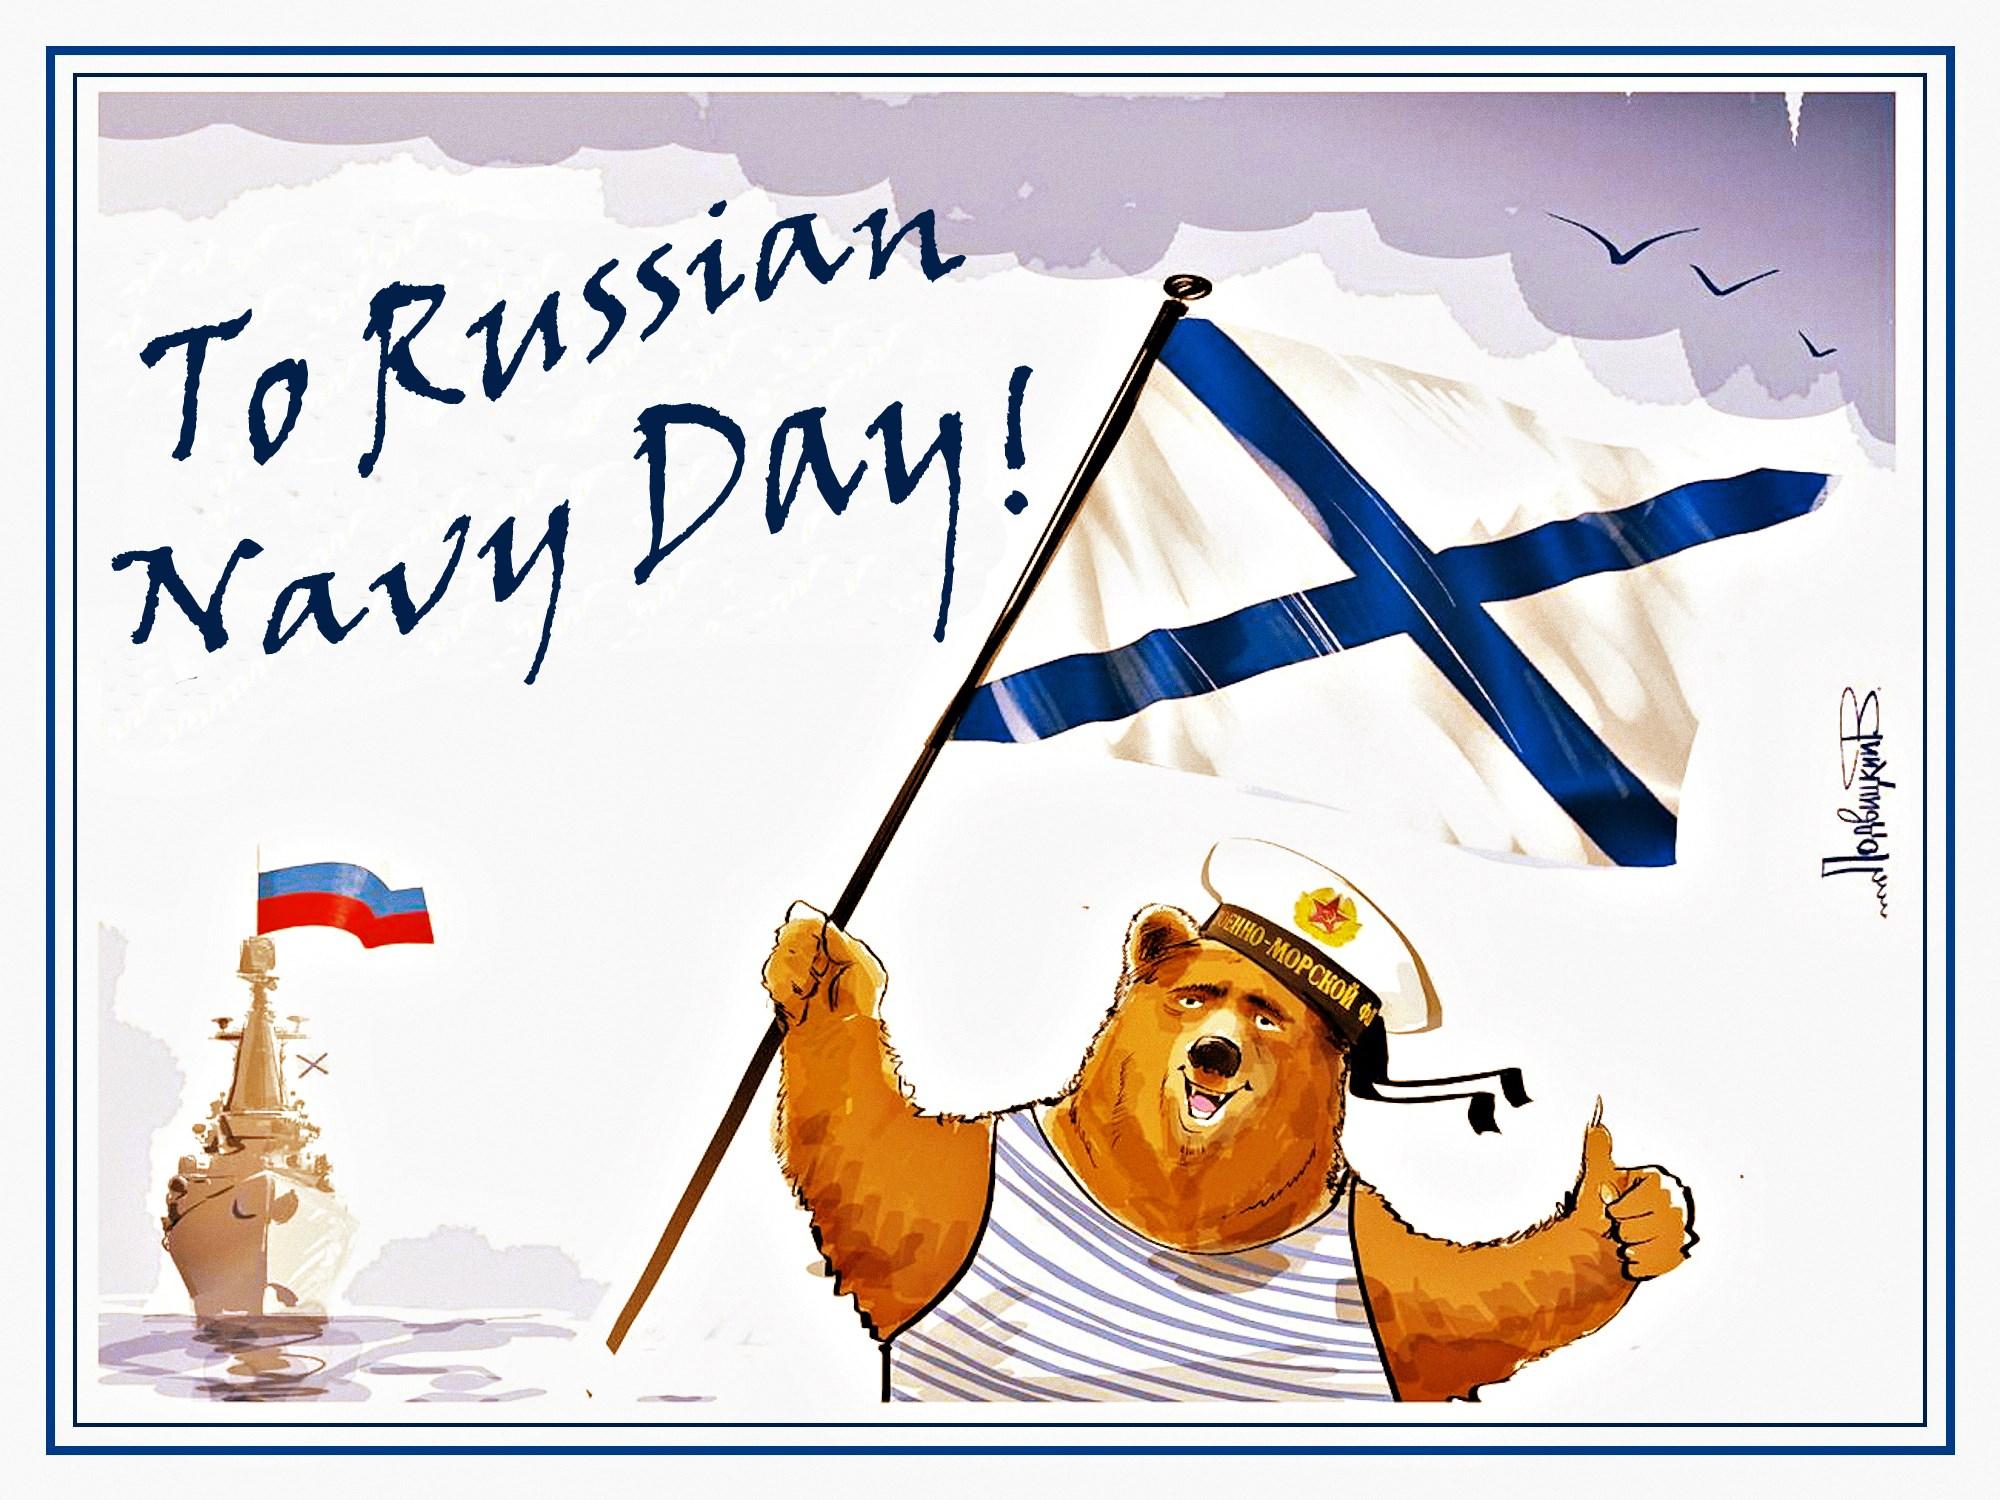 00 Vitaly Podvitsky. To Russian Navy Day! 2015